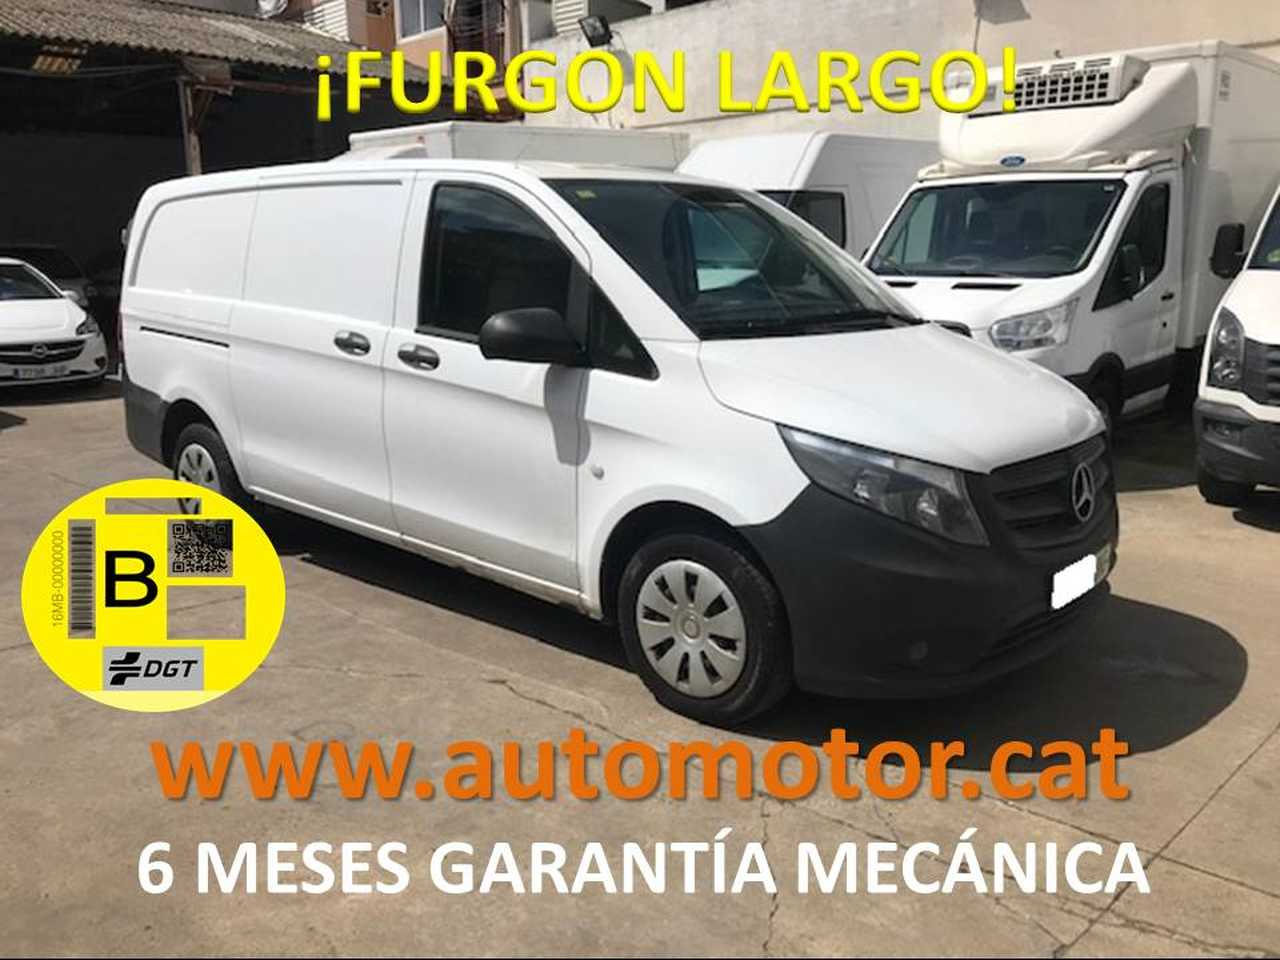 Mercedes Vito Furgón 111CDI Larga - GARANTIA MECANICA  - Foto 1